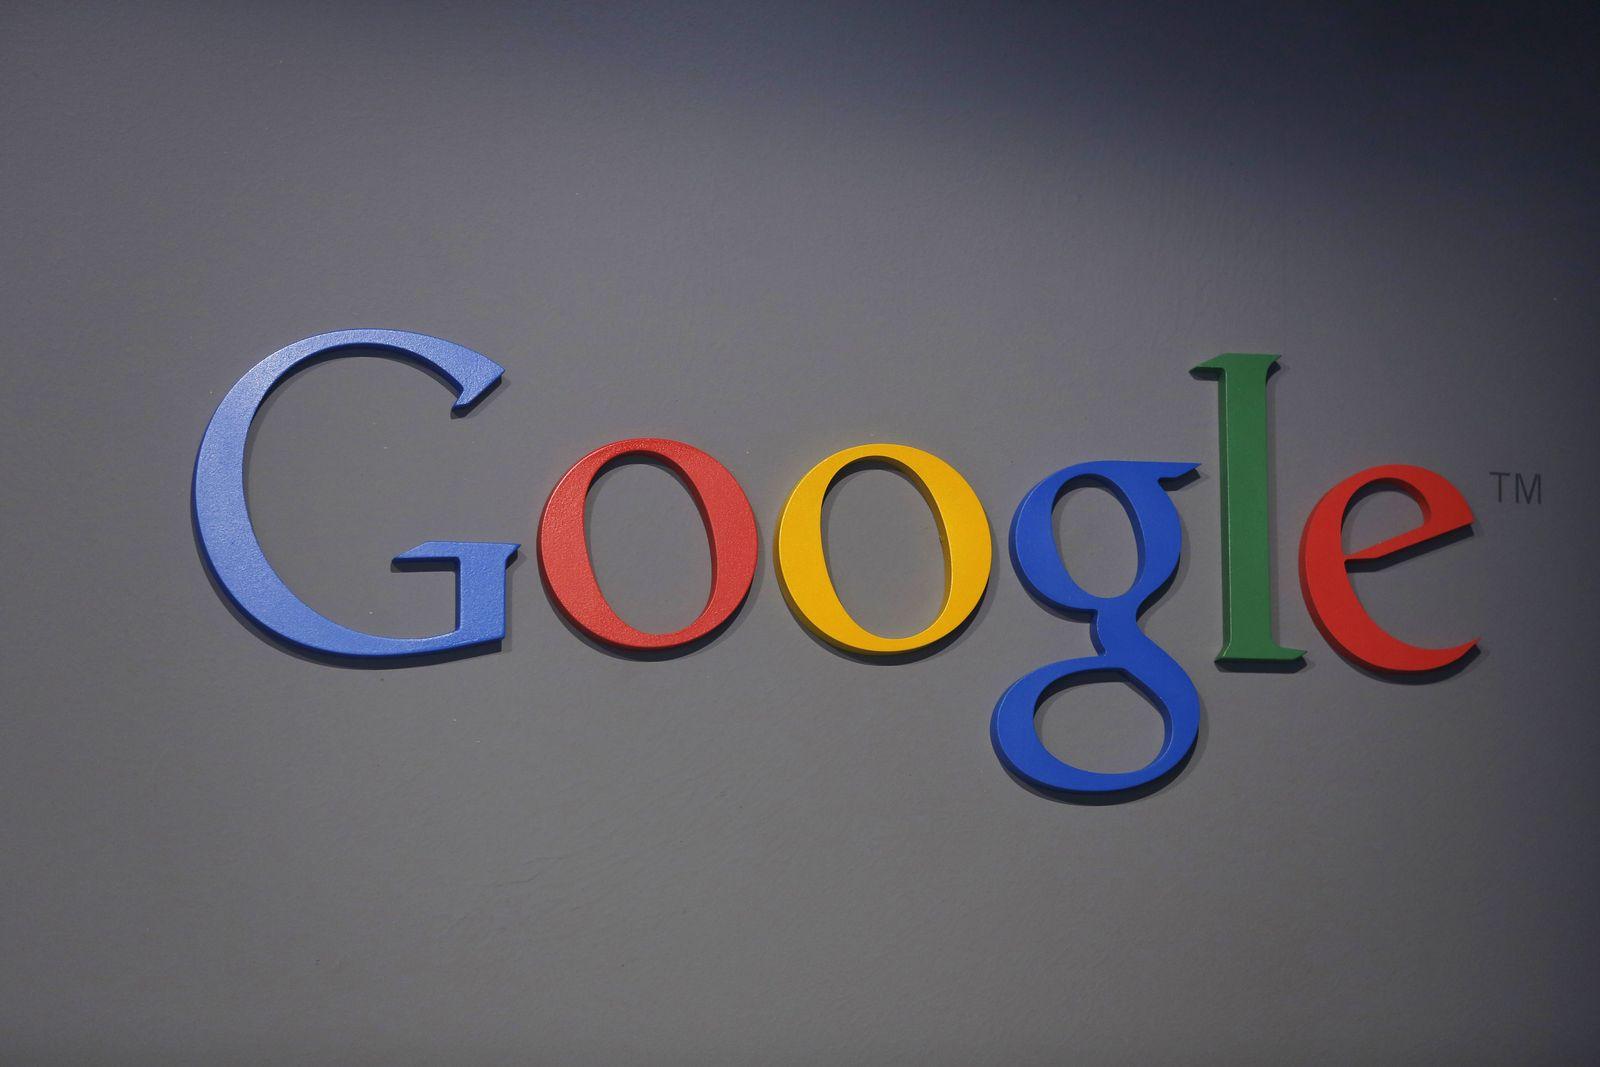 NICHT MEHR VERWENDEN! - Symbolbild Google